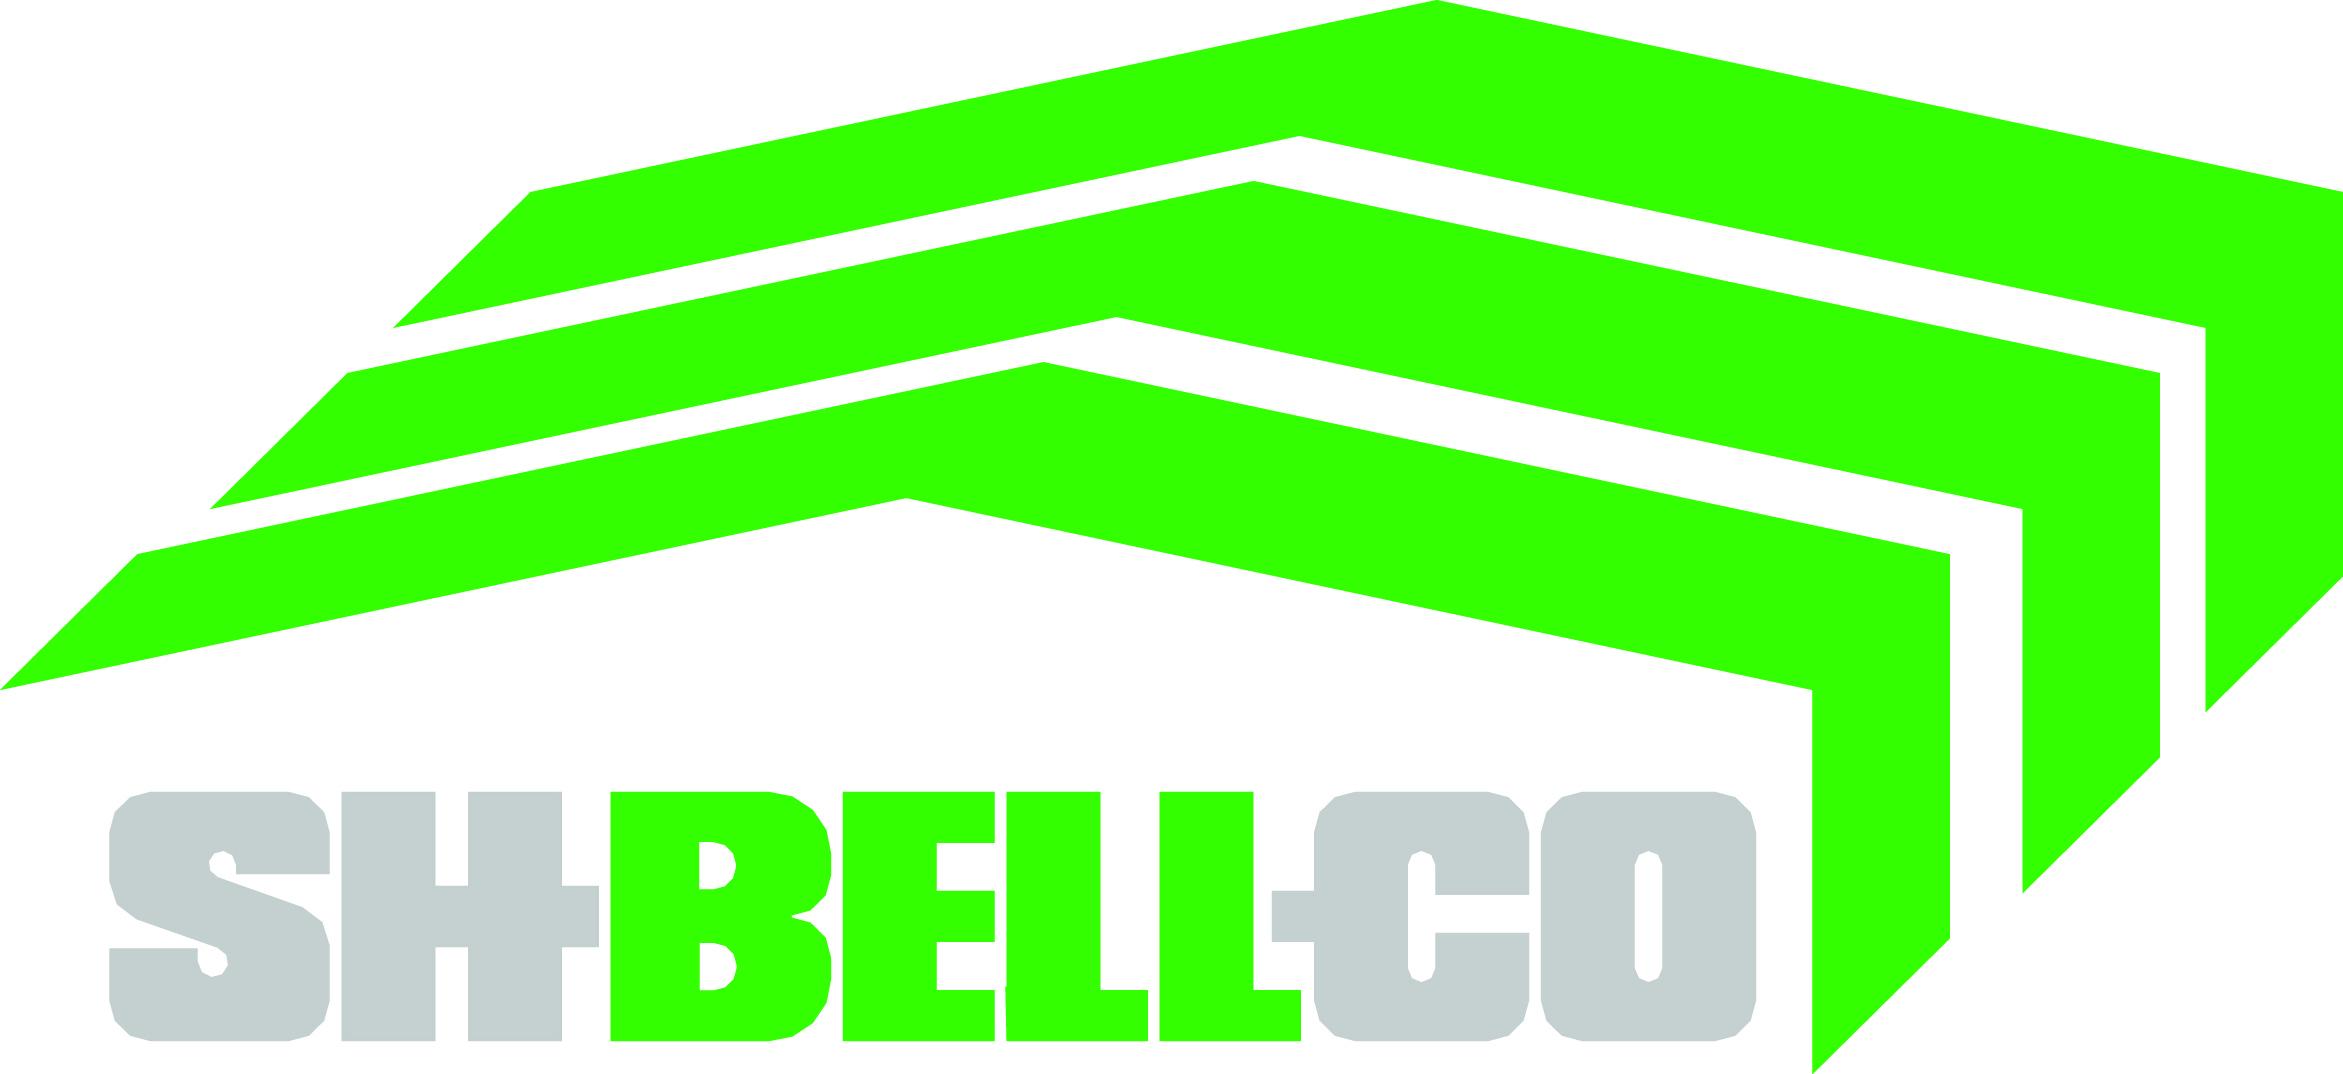 SH Bell Co Logo - 4 (2).jpg